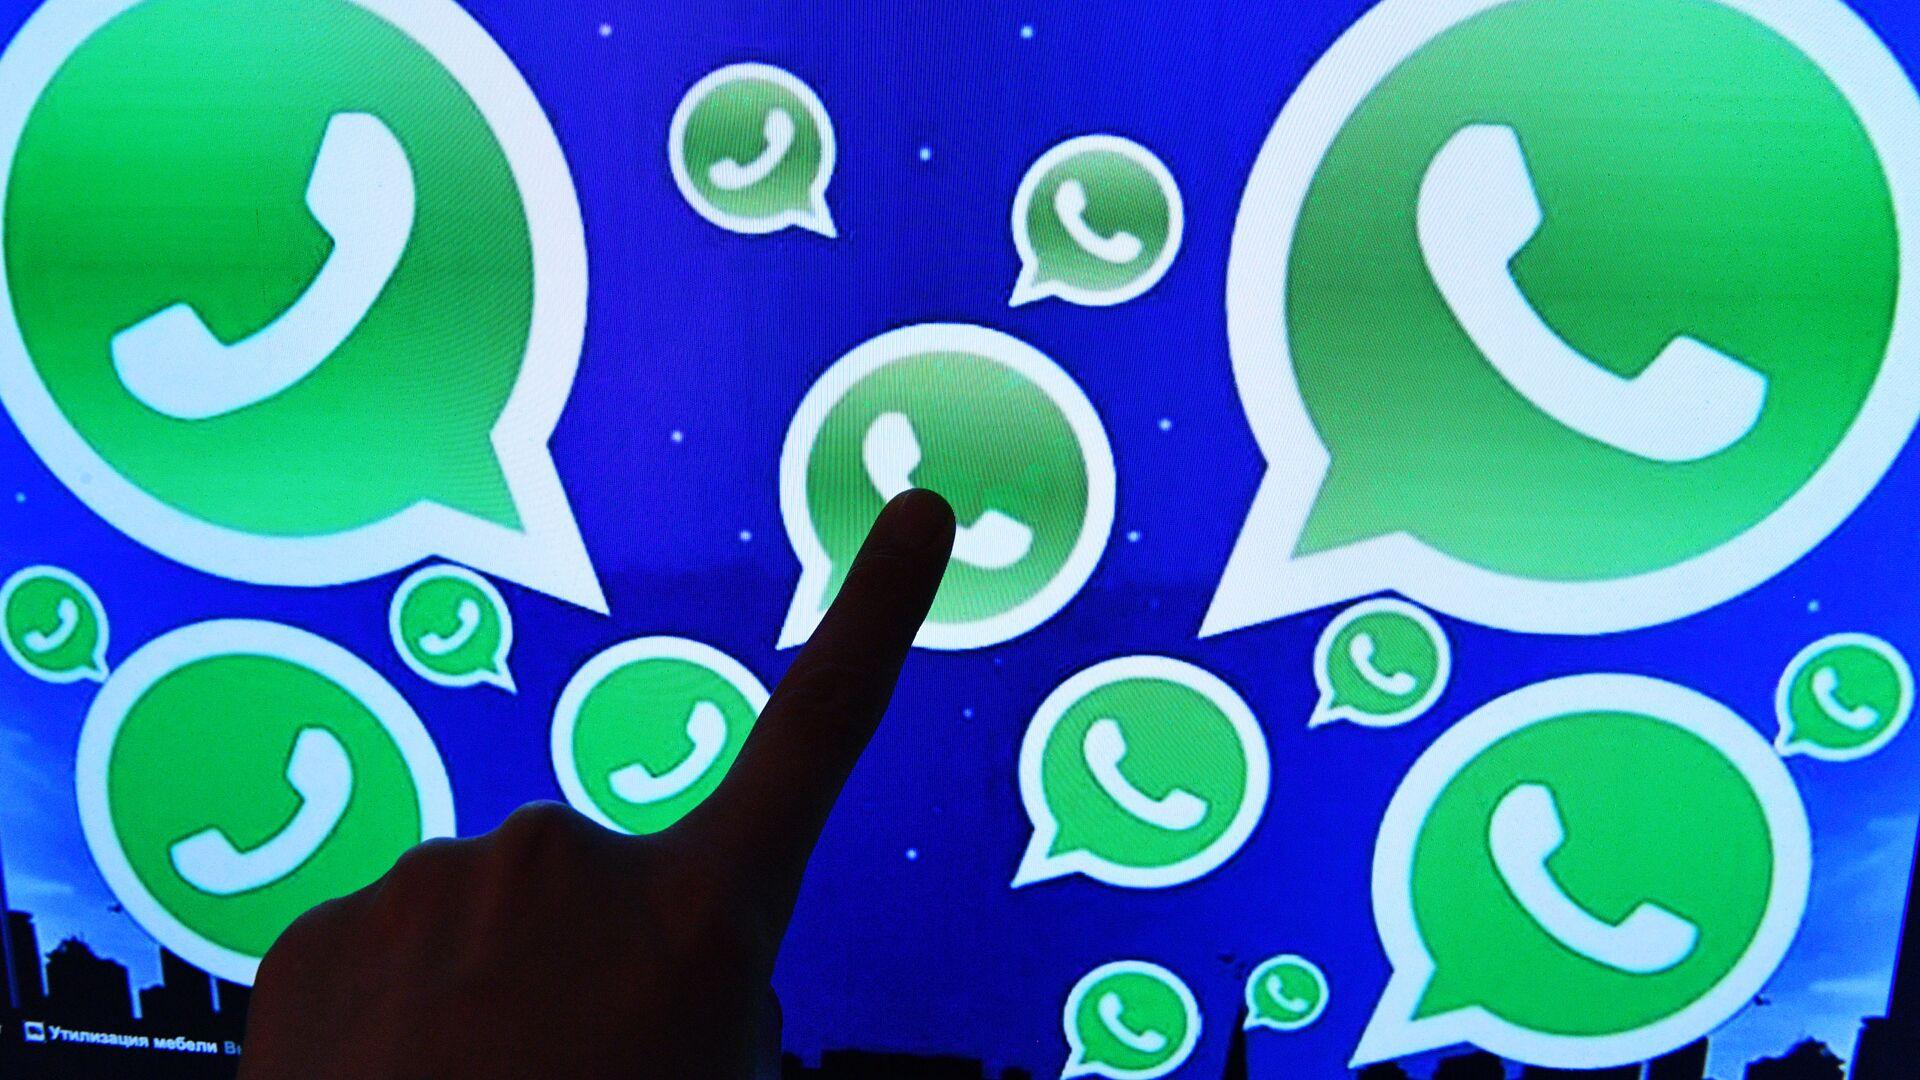 Una persona toca una pantalla en la que se ven diversos logotipos de la aplicación WhatsApp - Sputnik Mundo, 1920, 07.09.2021